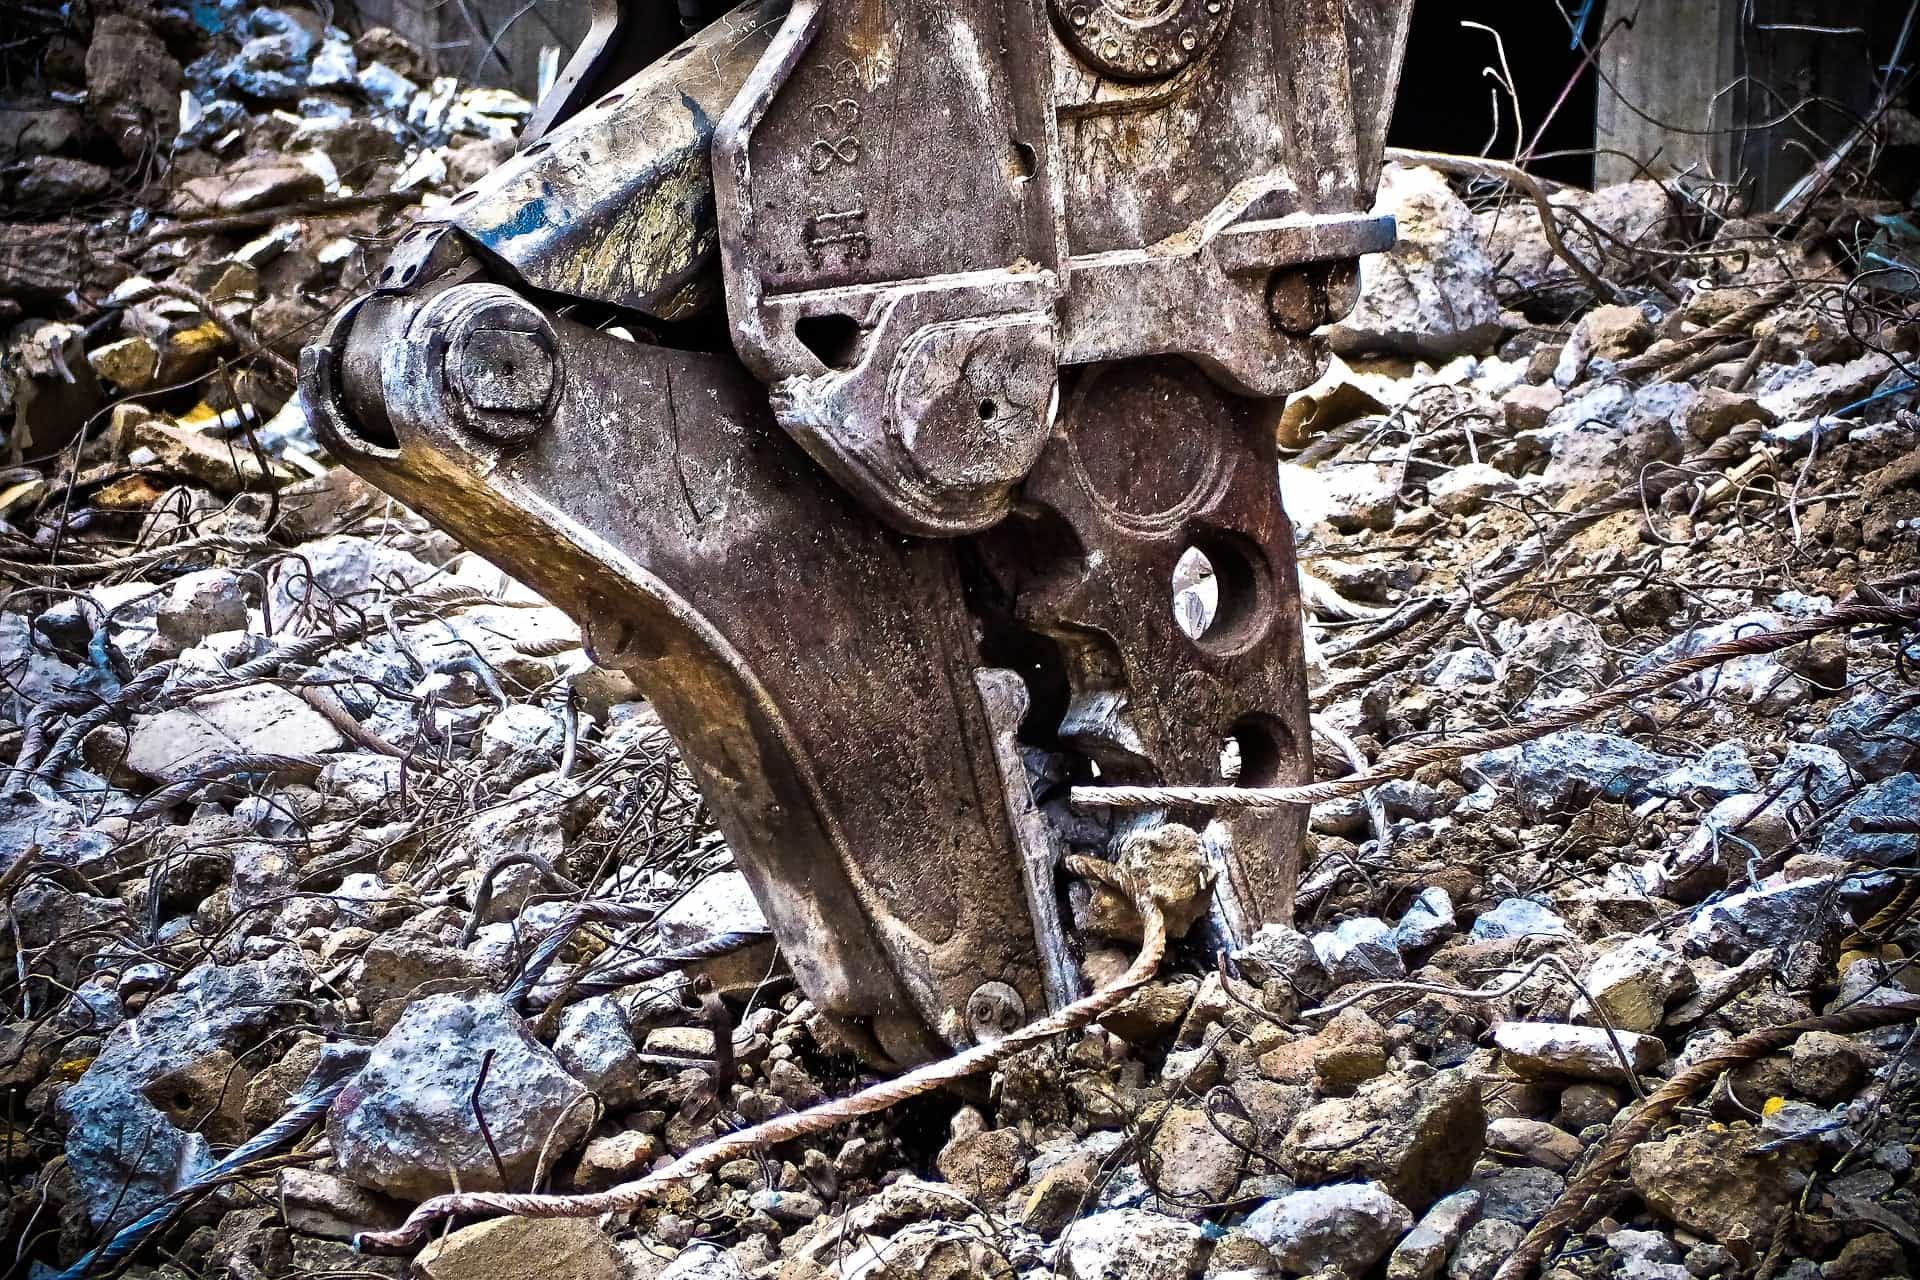 Abriss der Keitumer Therme auf der Nordseeinsel Sylt